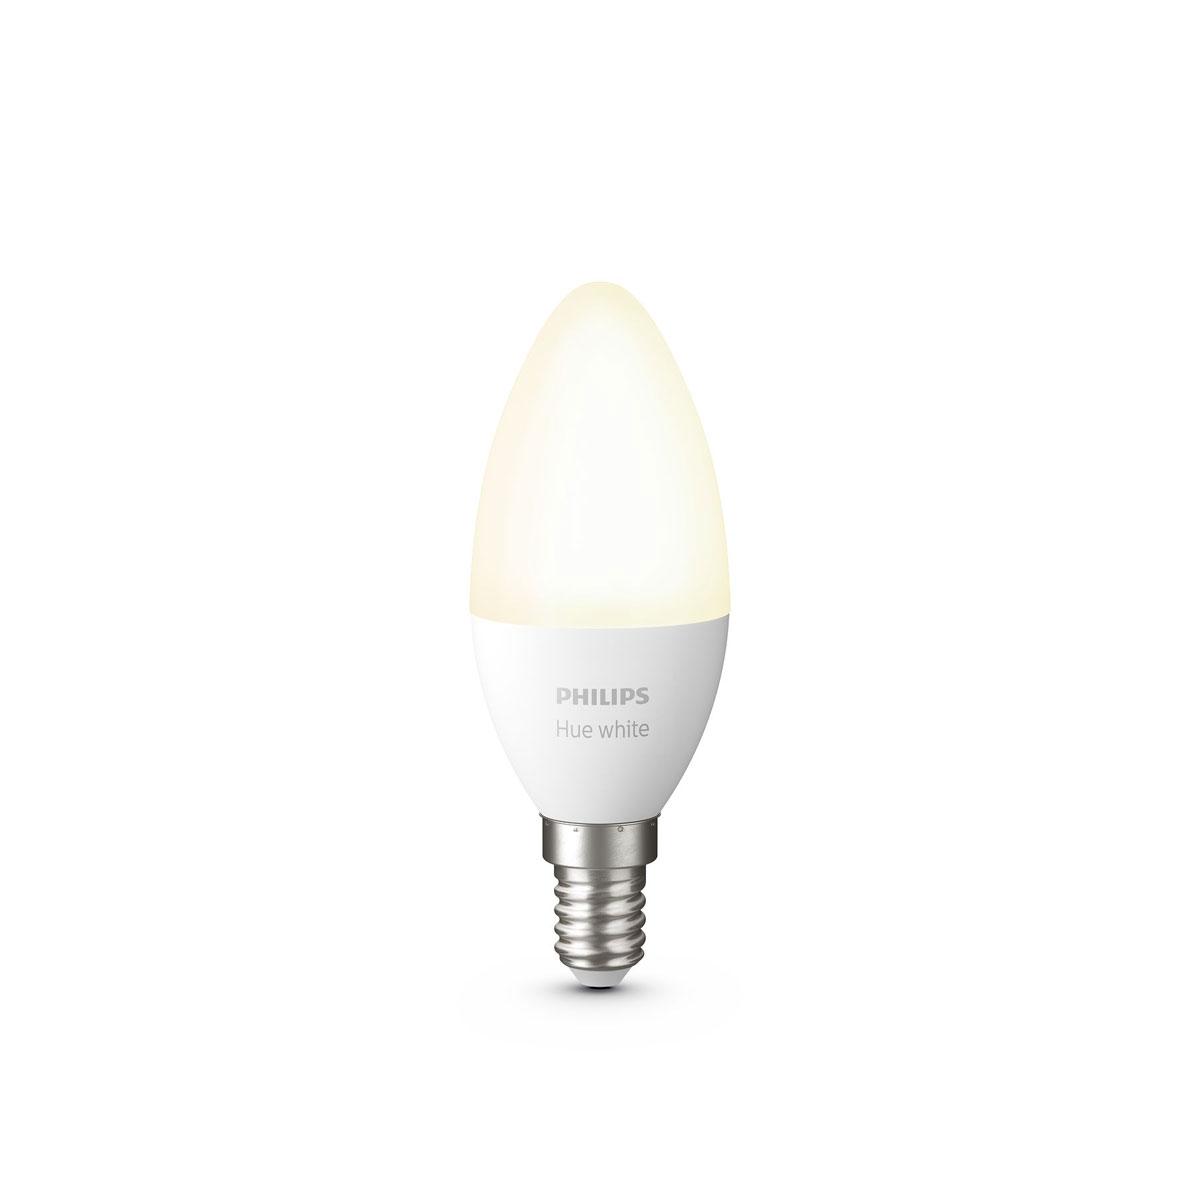 """Philips Hue LED-Kerze """"White"""", 5,5W, 1 Stück 1x LED-Kerze"""